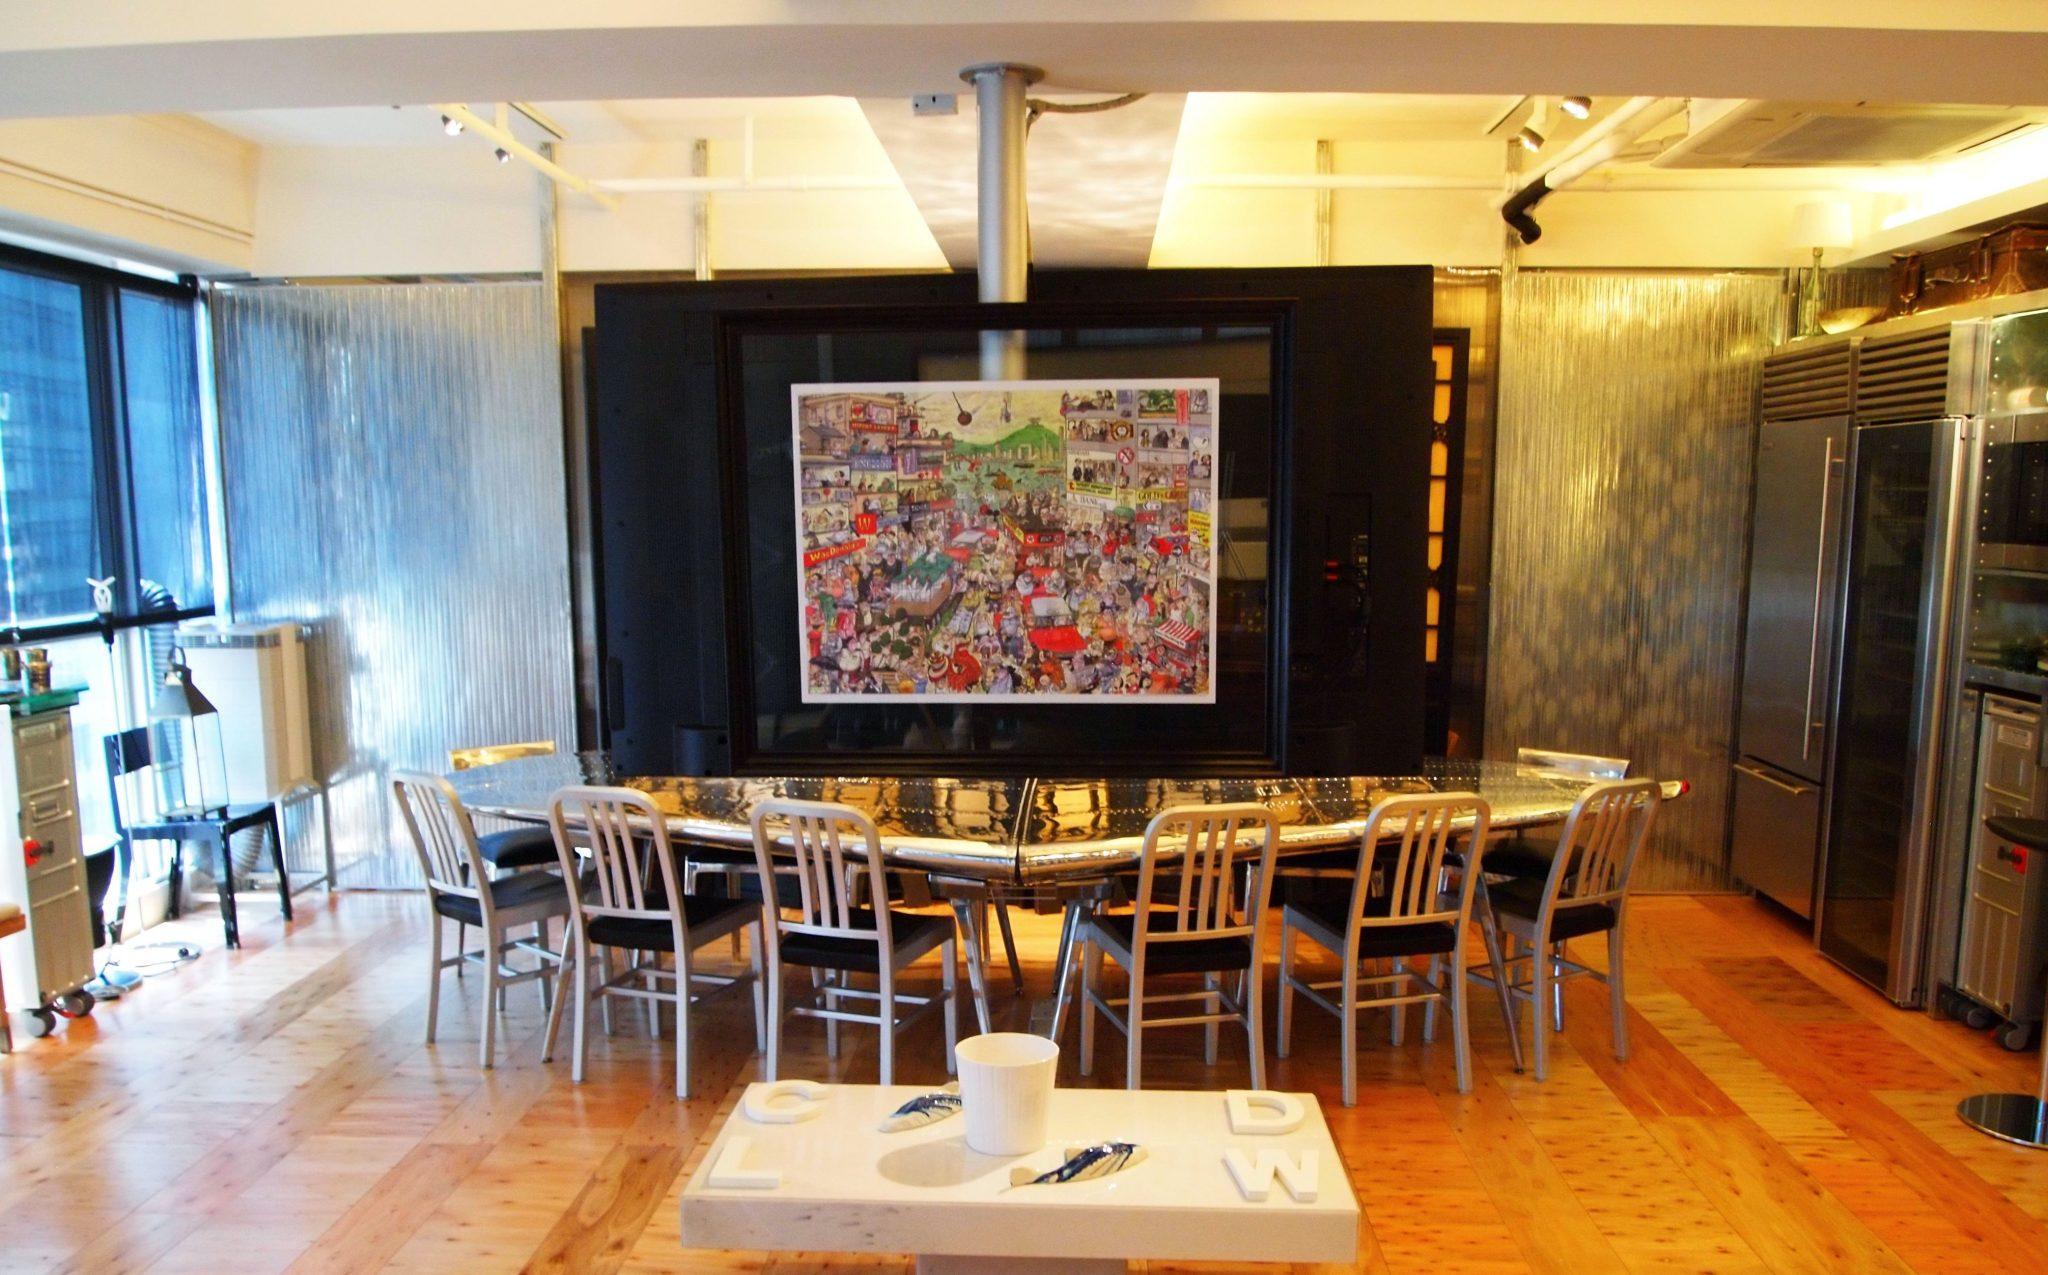 clifton leung design workshop clifton leung design workshop. Black Bedroom Furniture Sets. Home Design Ideas